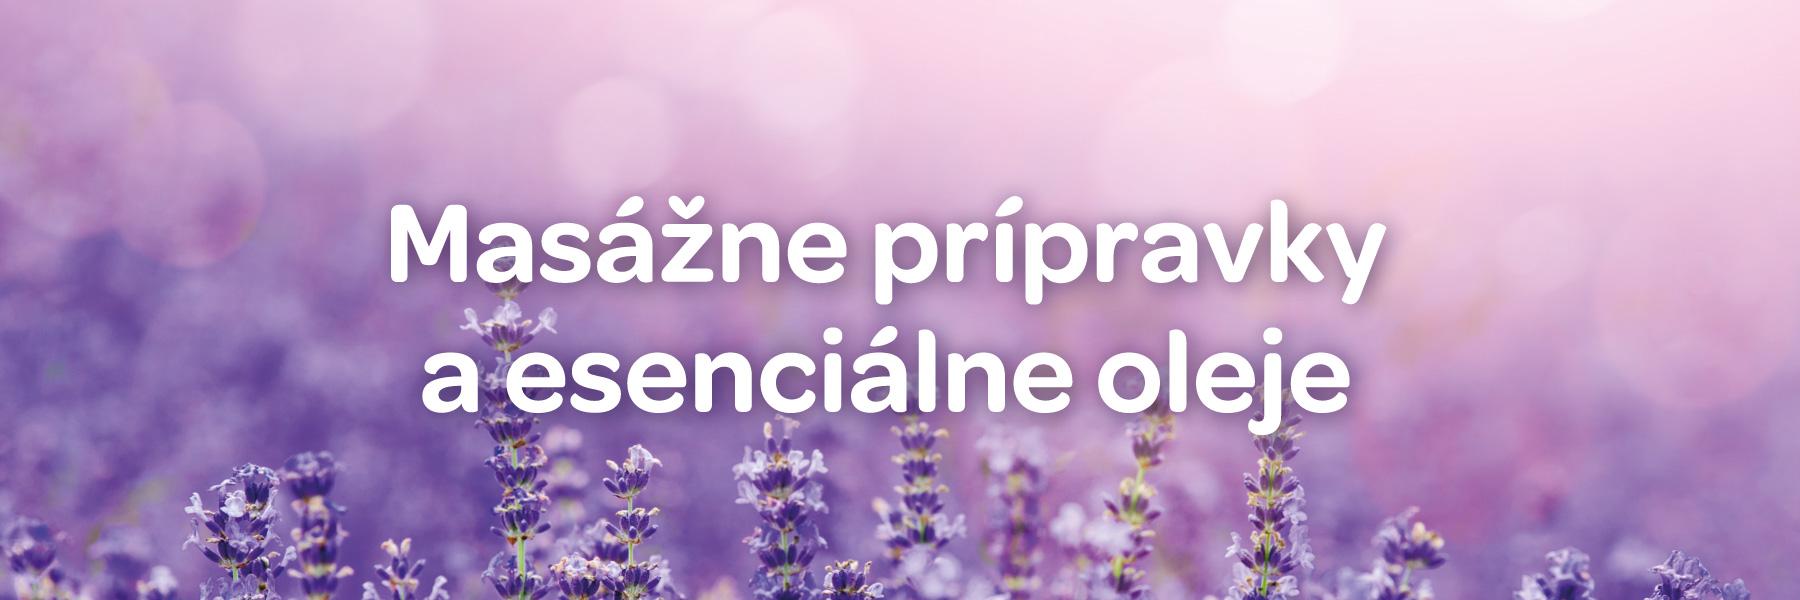 Masážne prípravky a esenciálne oleje Biomedica